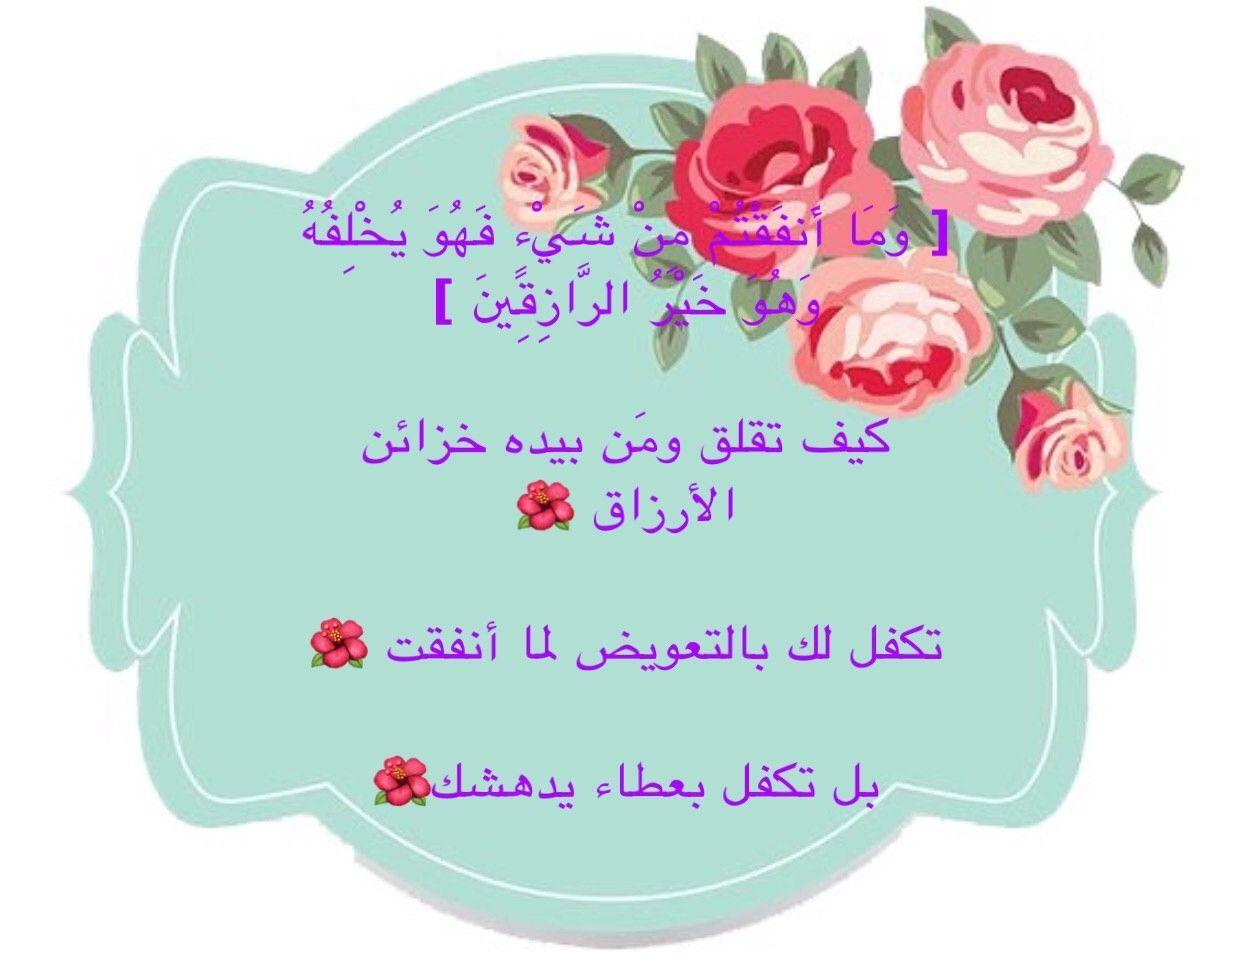 الله الحزن الثقه بالله حسن الظن بالله كلمات عربية تفاؤل ايجابية Quotations Words Quotes